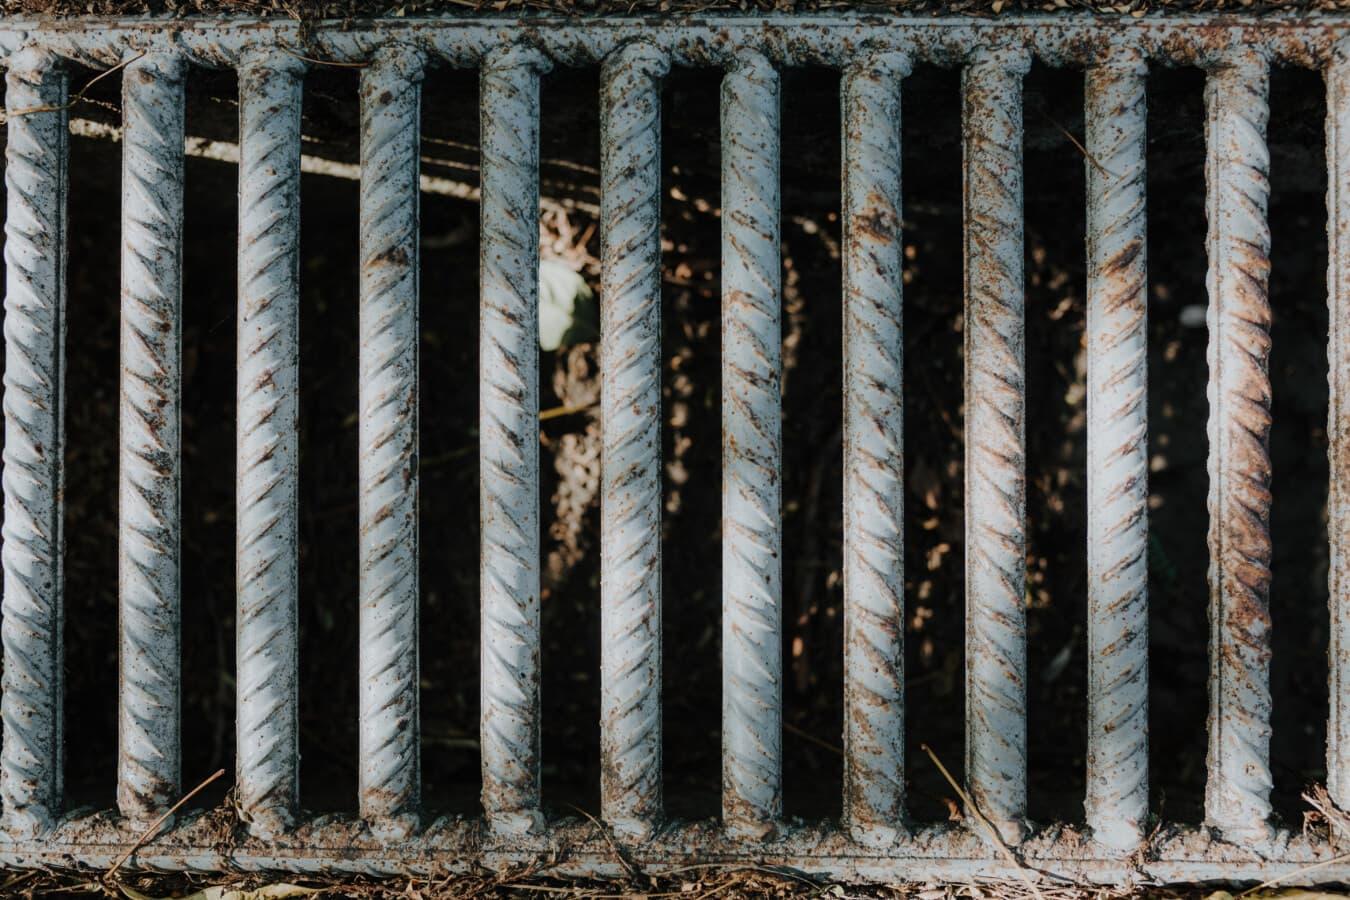 eaux usées, système, drain, fer de fonte, Stripes, vertical, réseau d'égouts, rouille, en acier, texture